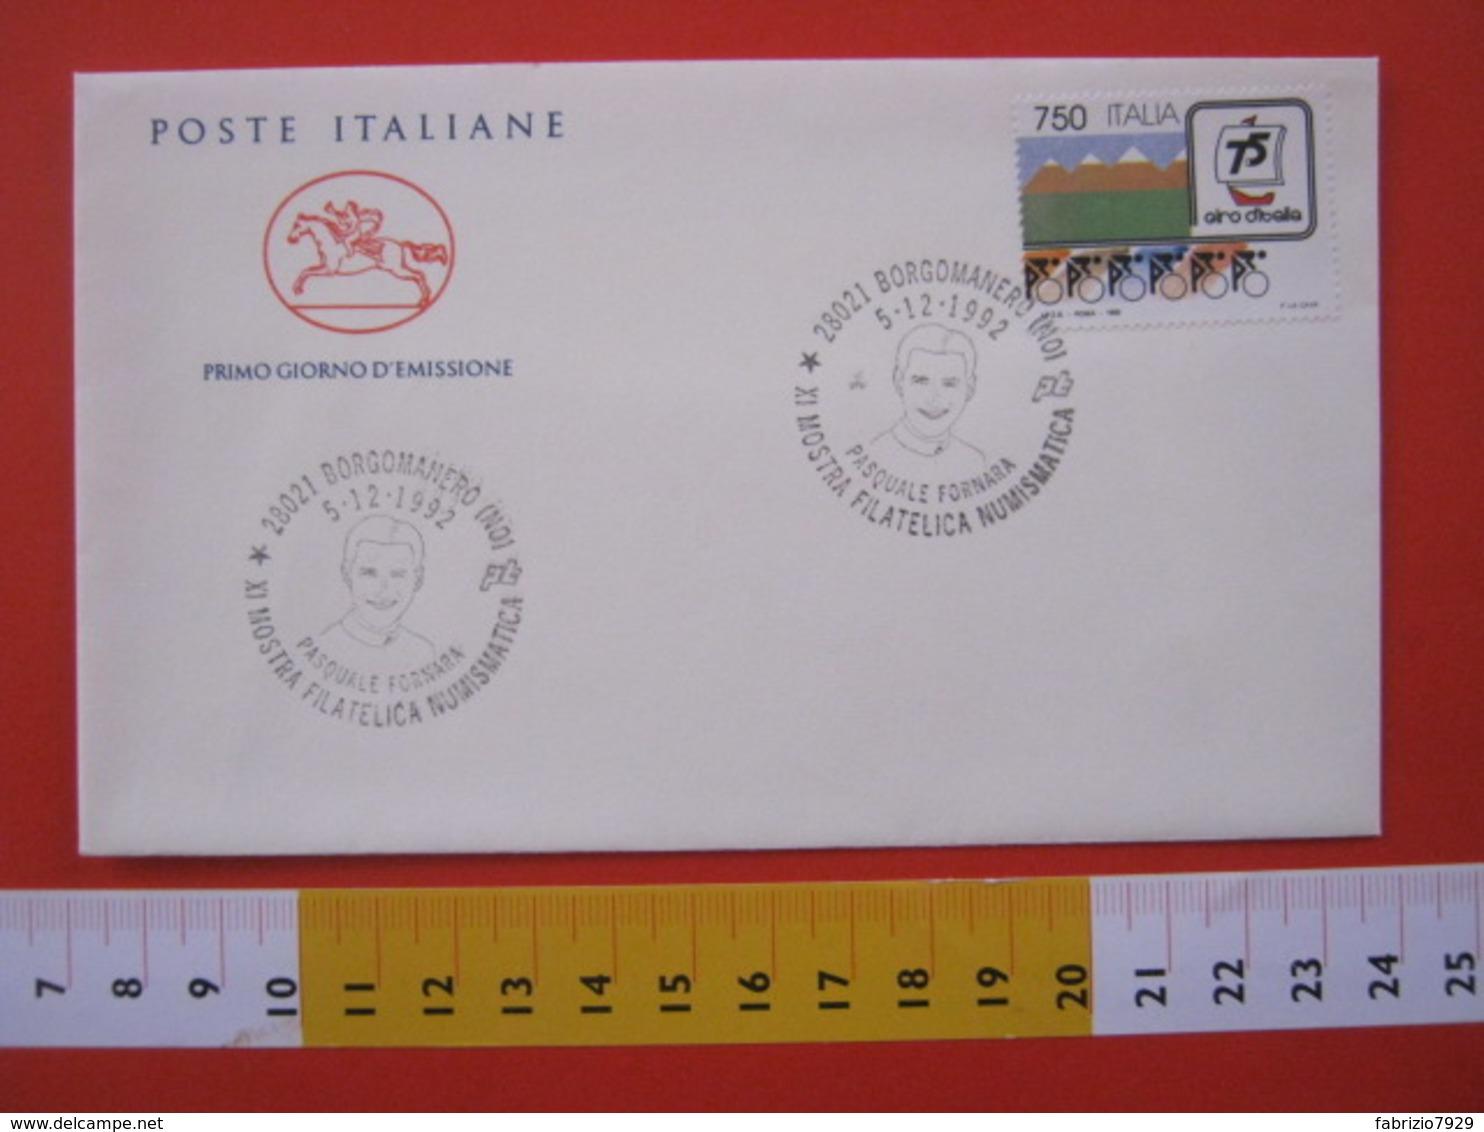 A.06 ITALIA ANNULLO - 1992 BORGOMANERO NOVARA PASQUALE FORNARA CICLISMO BICICLETTA ATLETA SPORT MOSTRA FILATELICA - Ciclismo